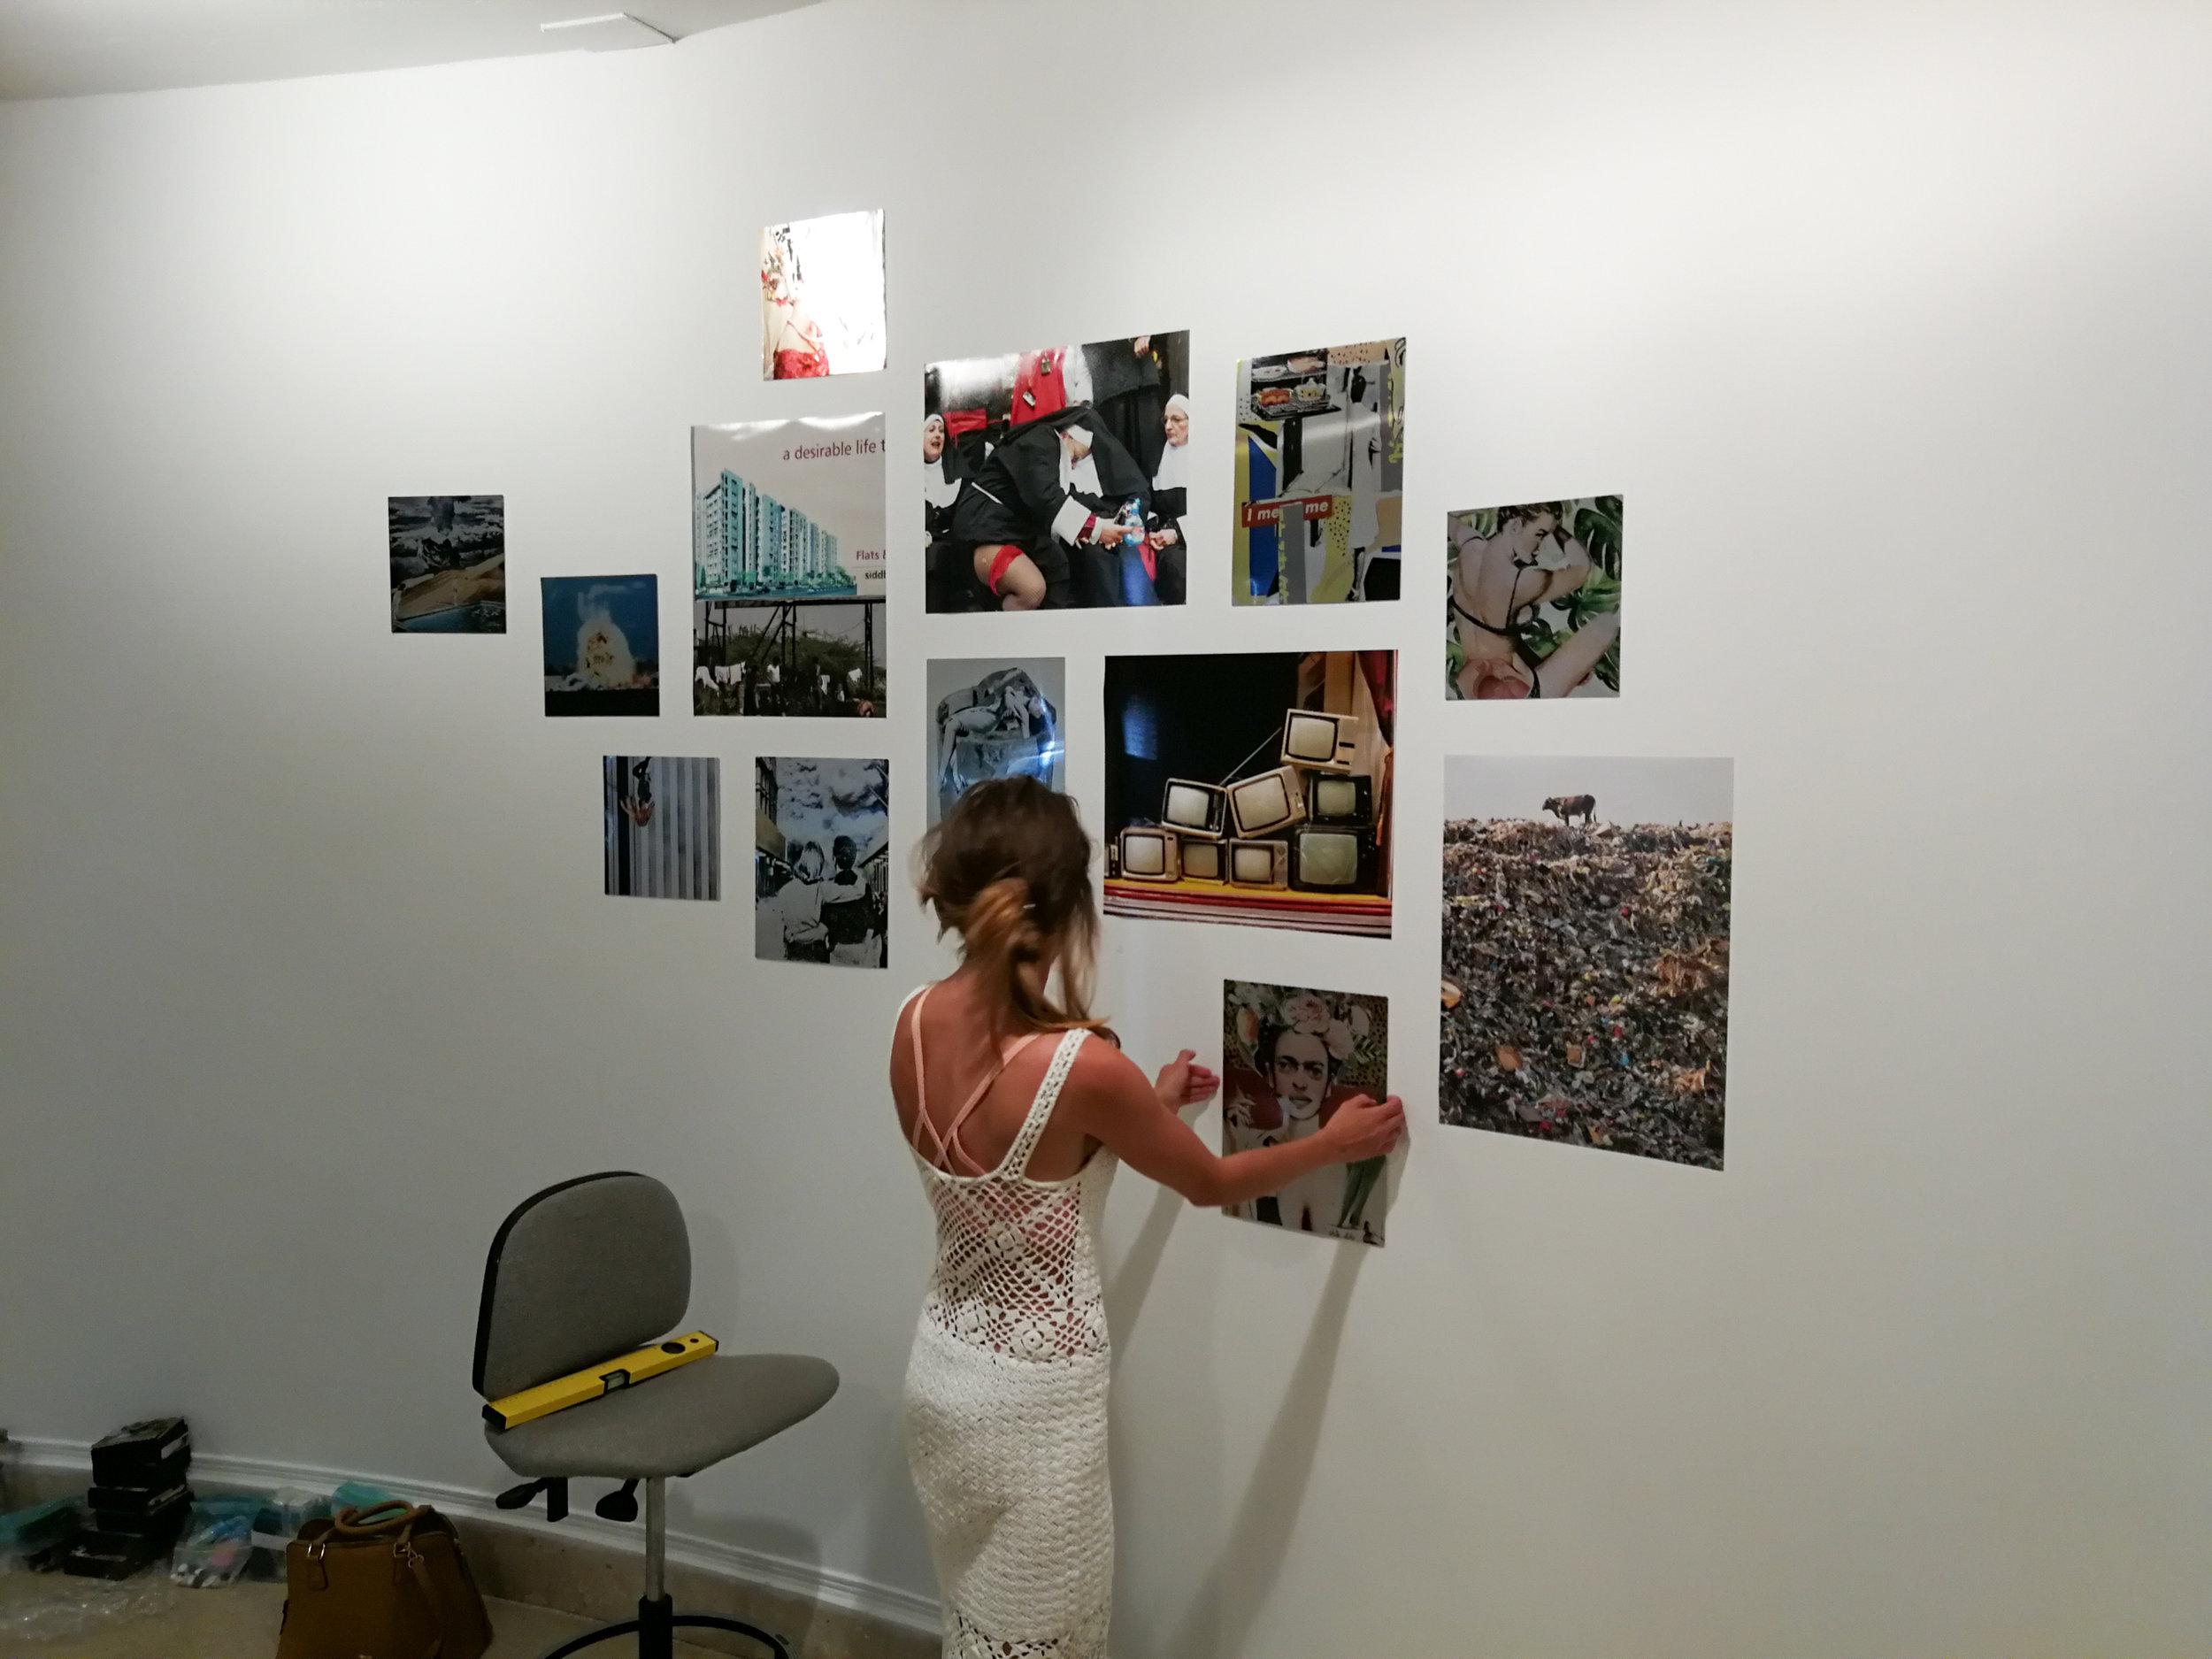 encuentro-exhibition-photos-154843.jpg